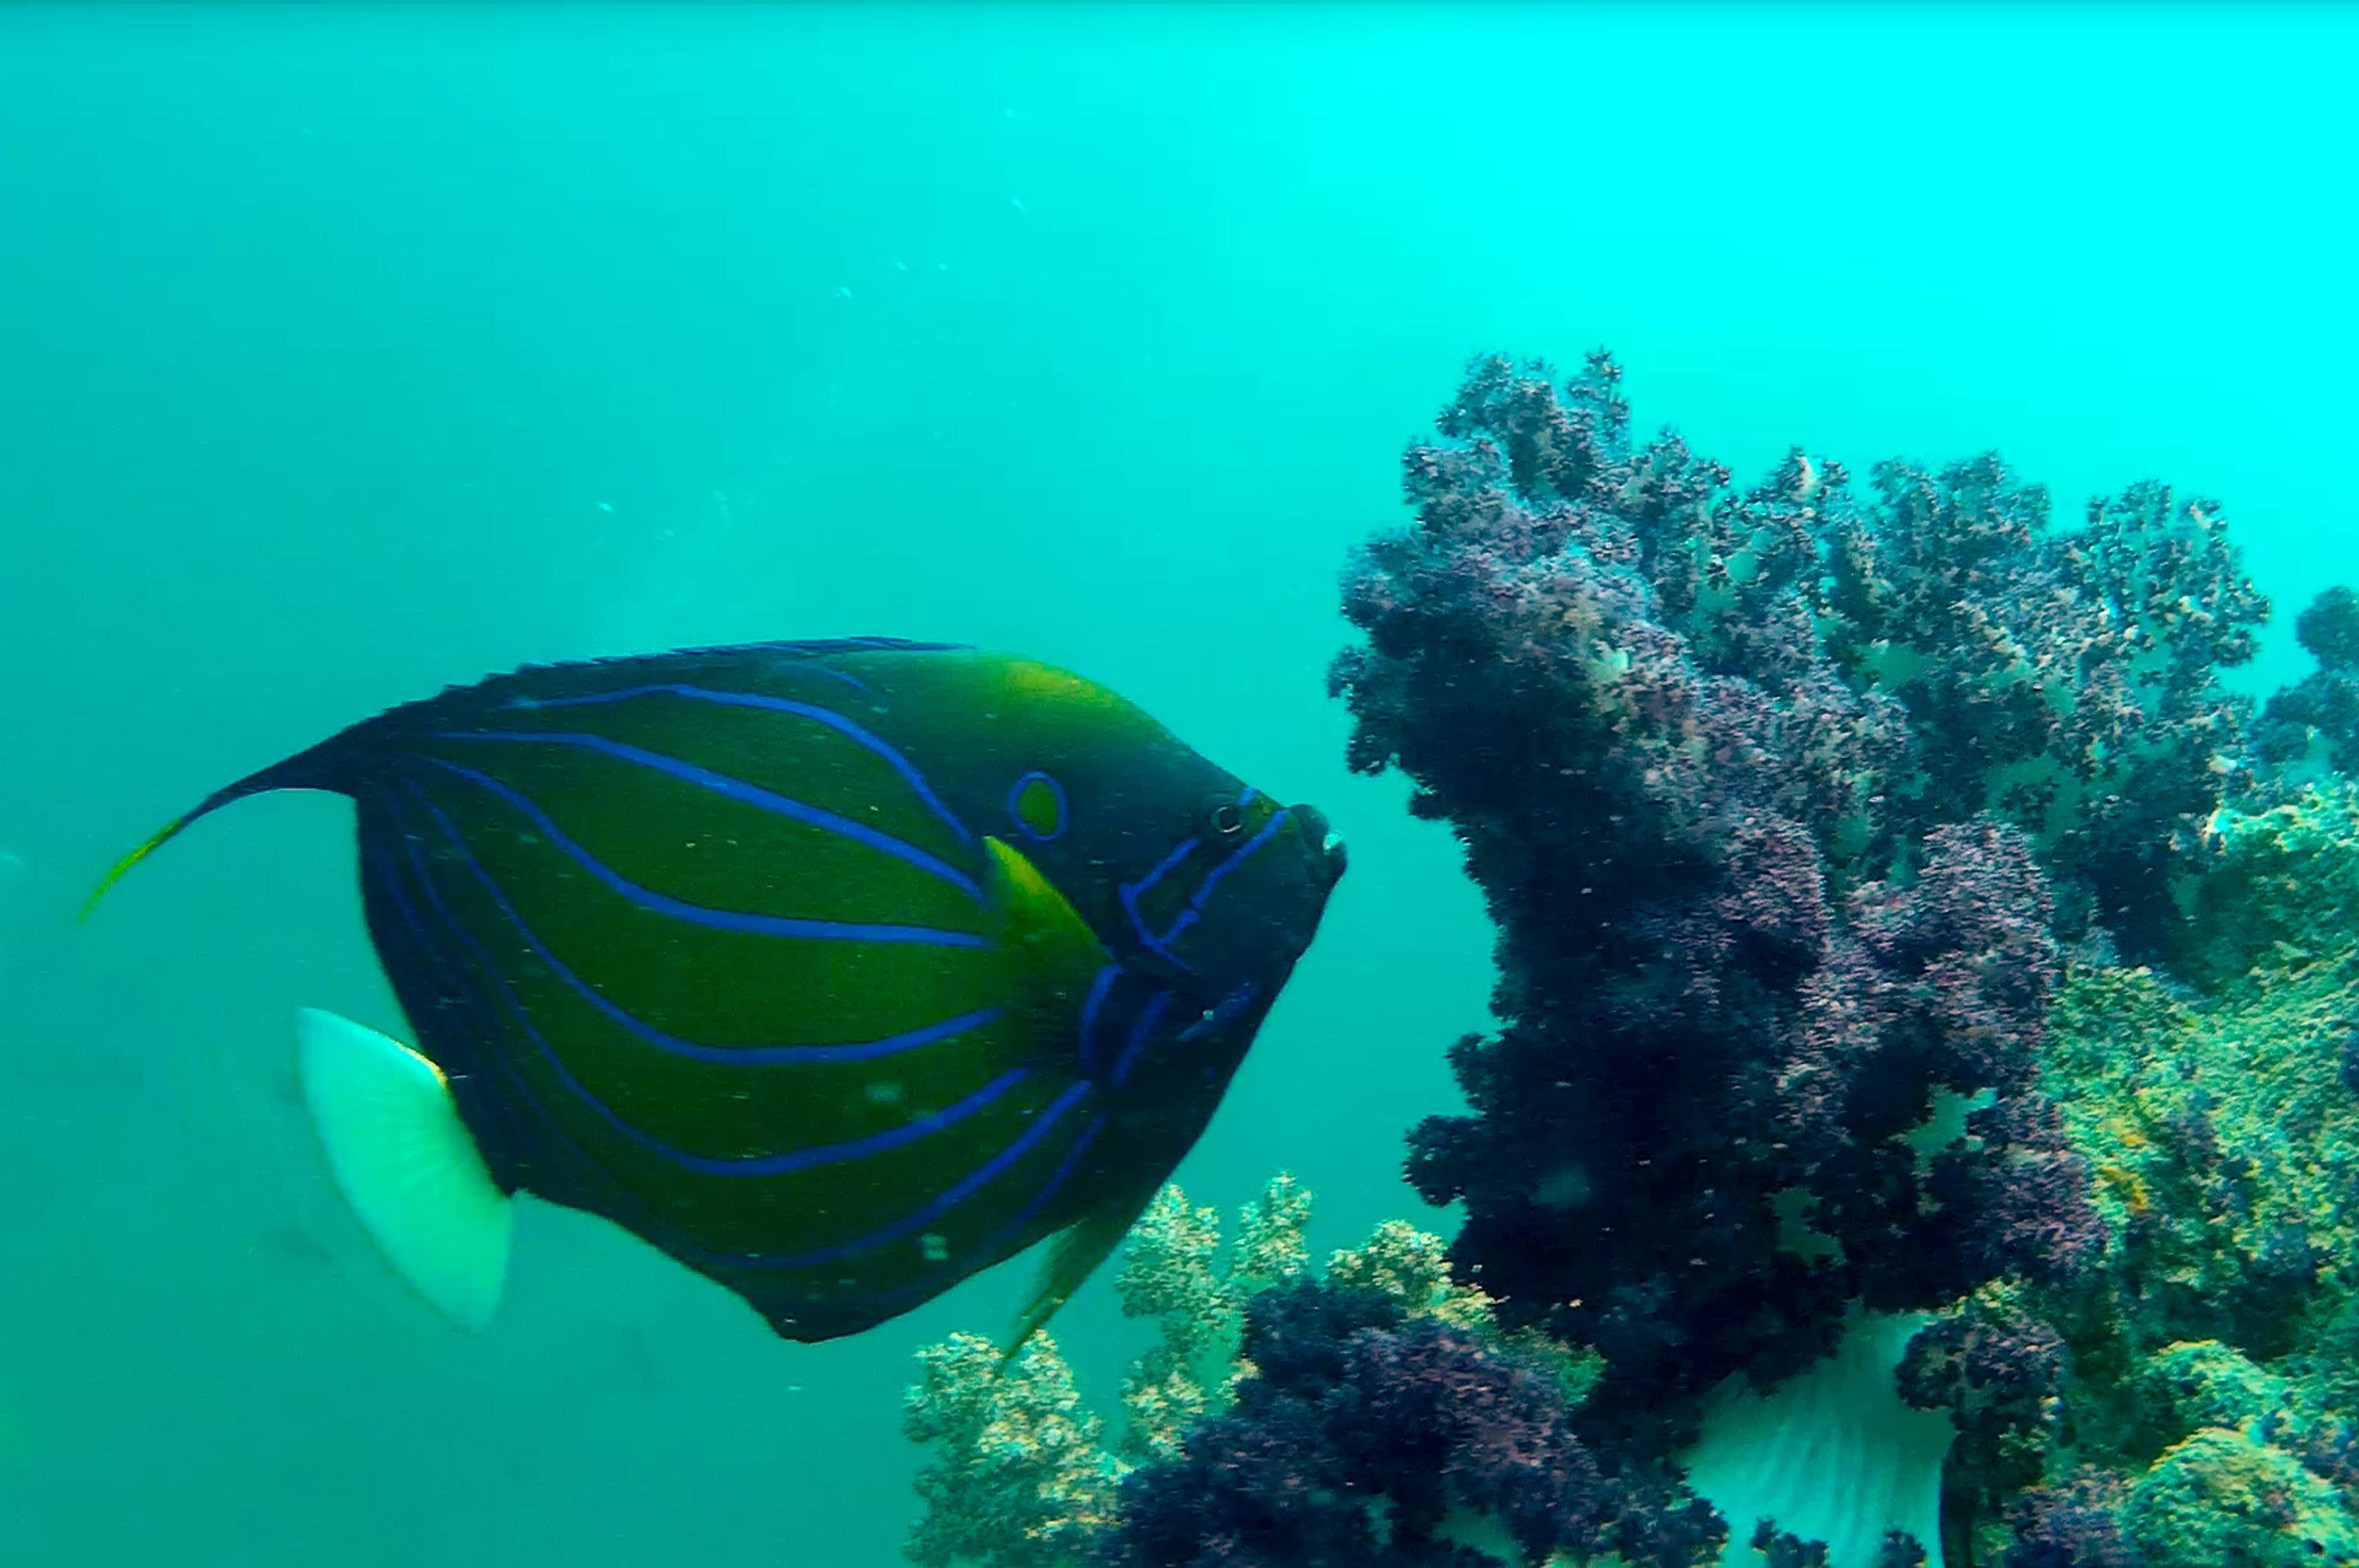 Ringkaiserfisch und BäumchenkorallenRingkaiserfisch und Bäumchenkorallen